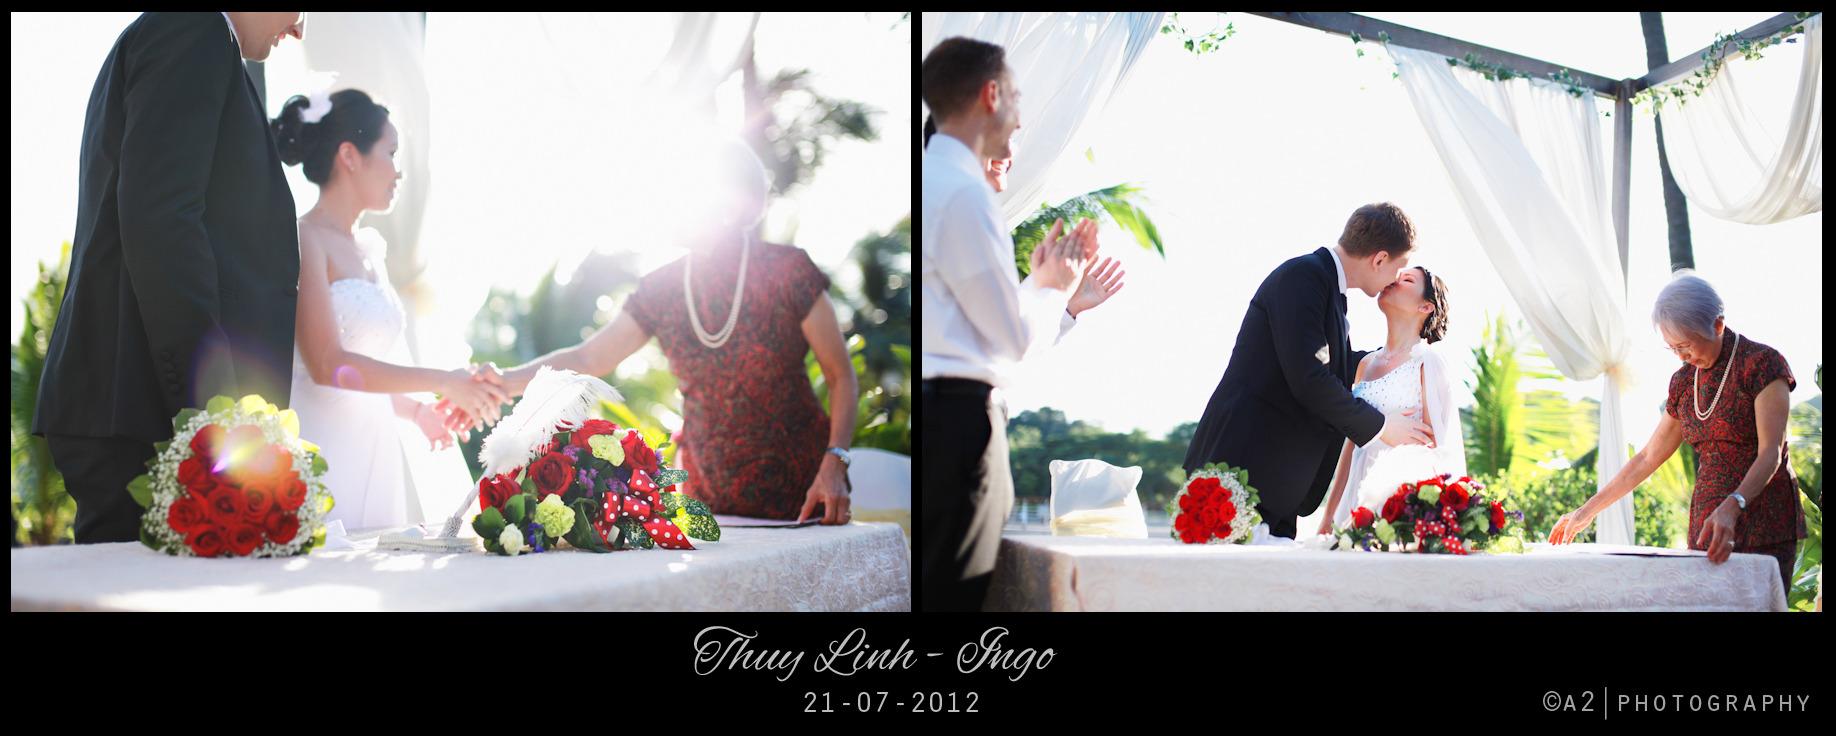 Thuy Linh - Ingo